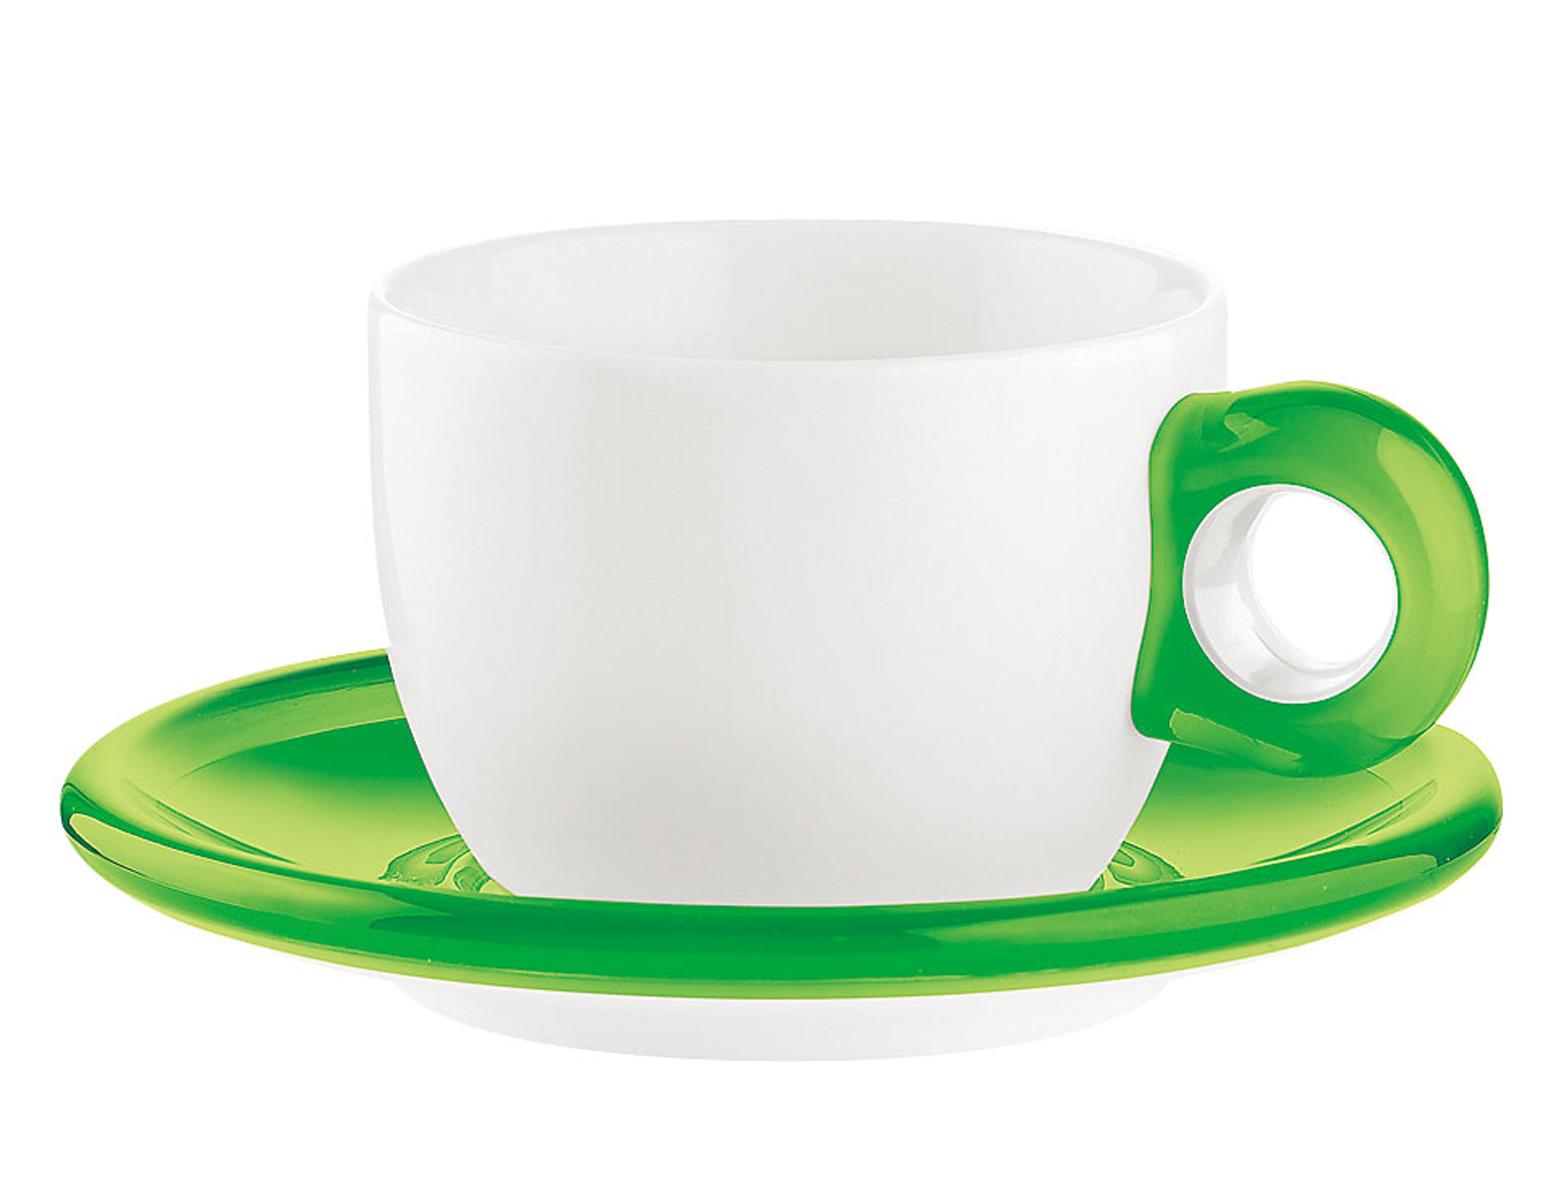 ティー/コーヒーカップ 2客セット 2774.0044 グリーン 6-2148-0102【卓上用品 グラス 食器 洋食器 コーヒー ティーカップ 業務用 販売 通販】[10P03Dec16]